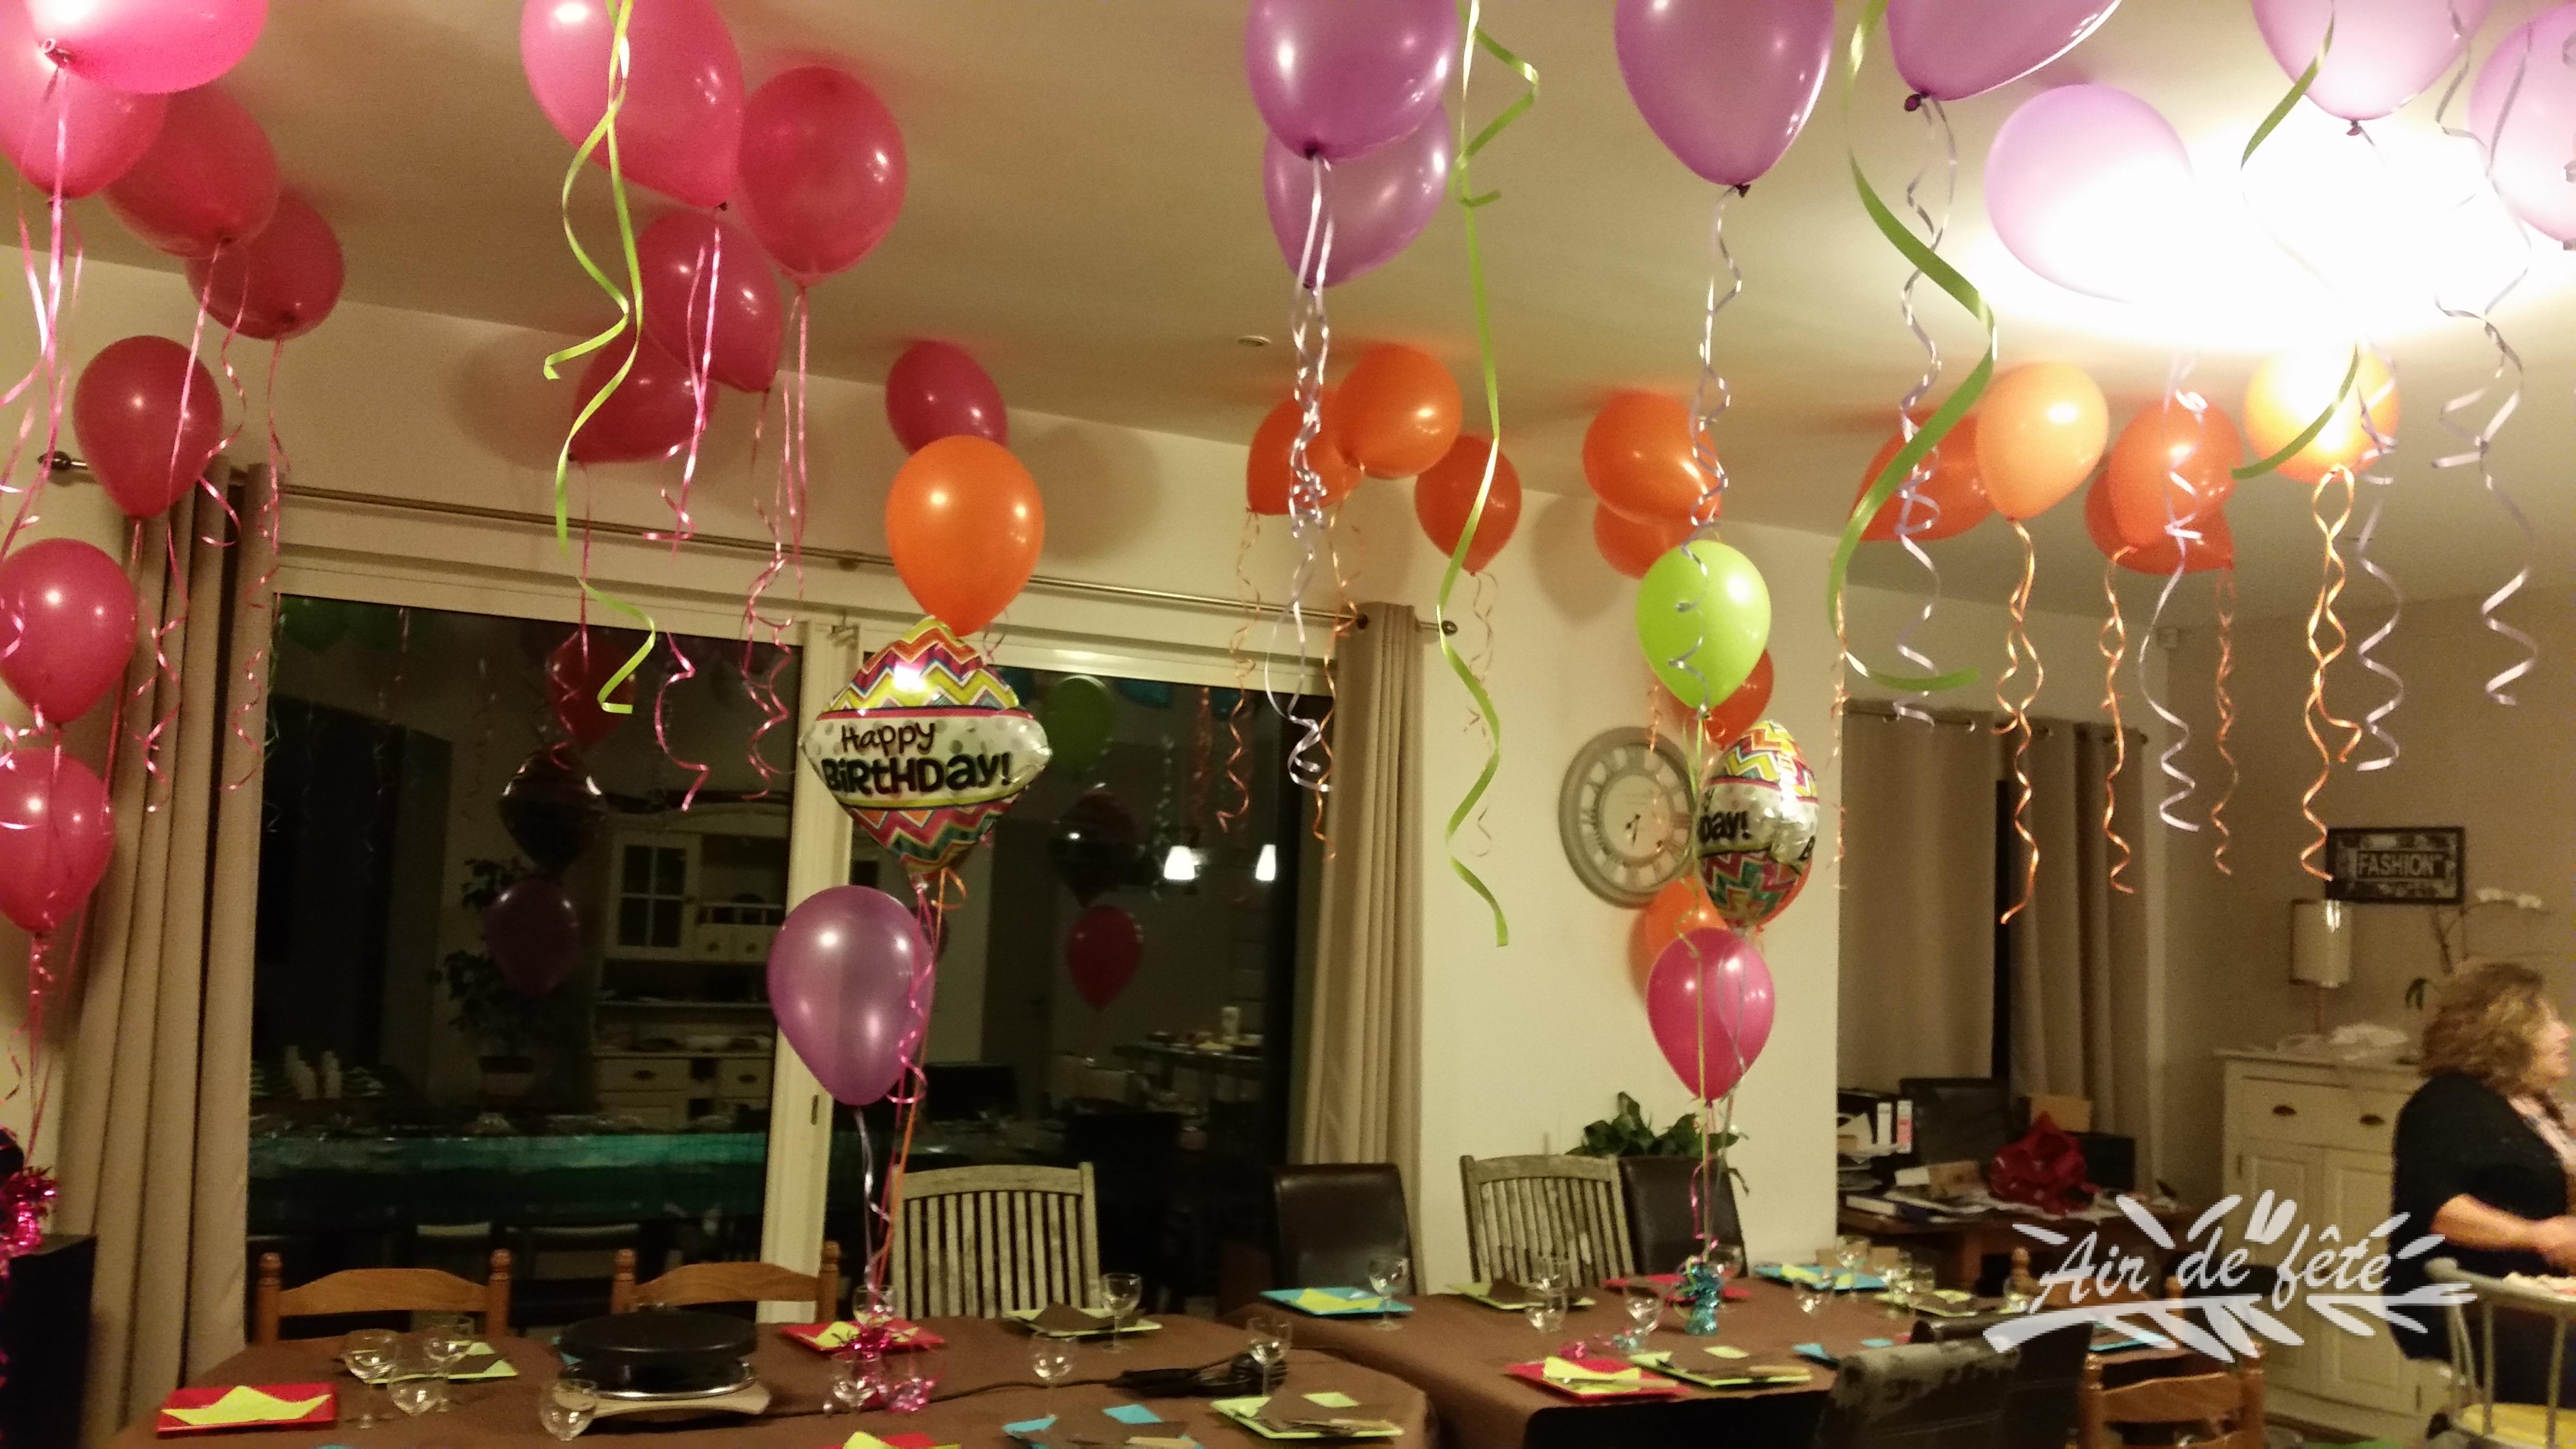 f2m bouquets ballons anniversaire et ballons plafond air de f te. Black Bedroom Furniture Sets. Home Design Ideas